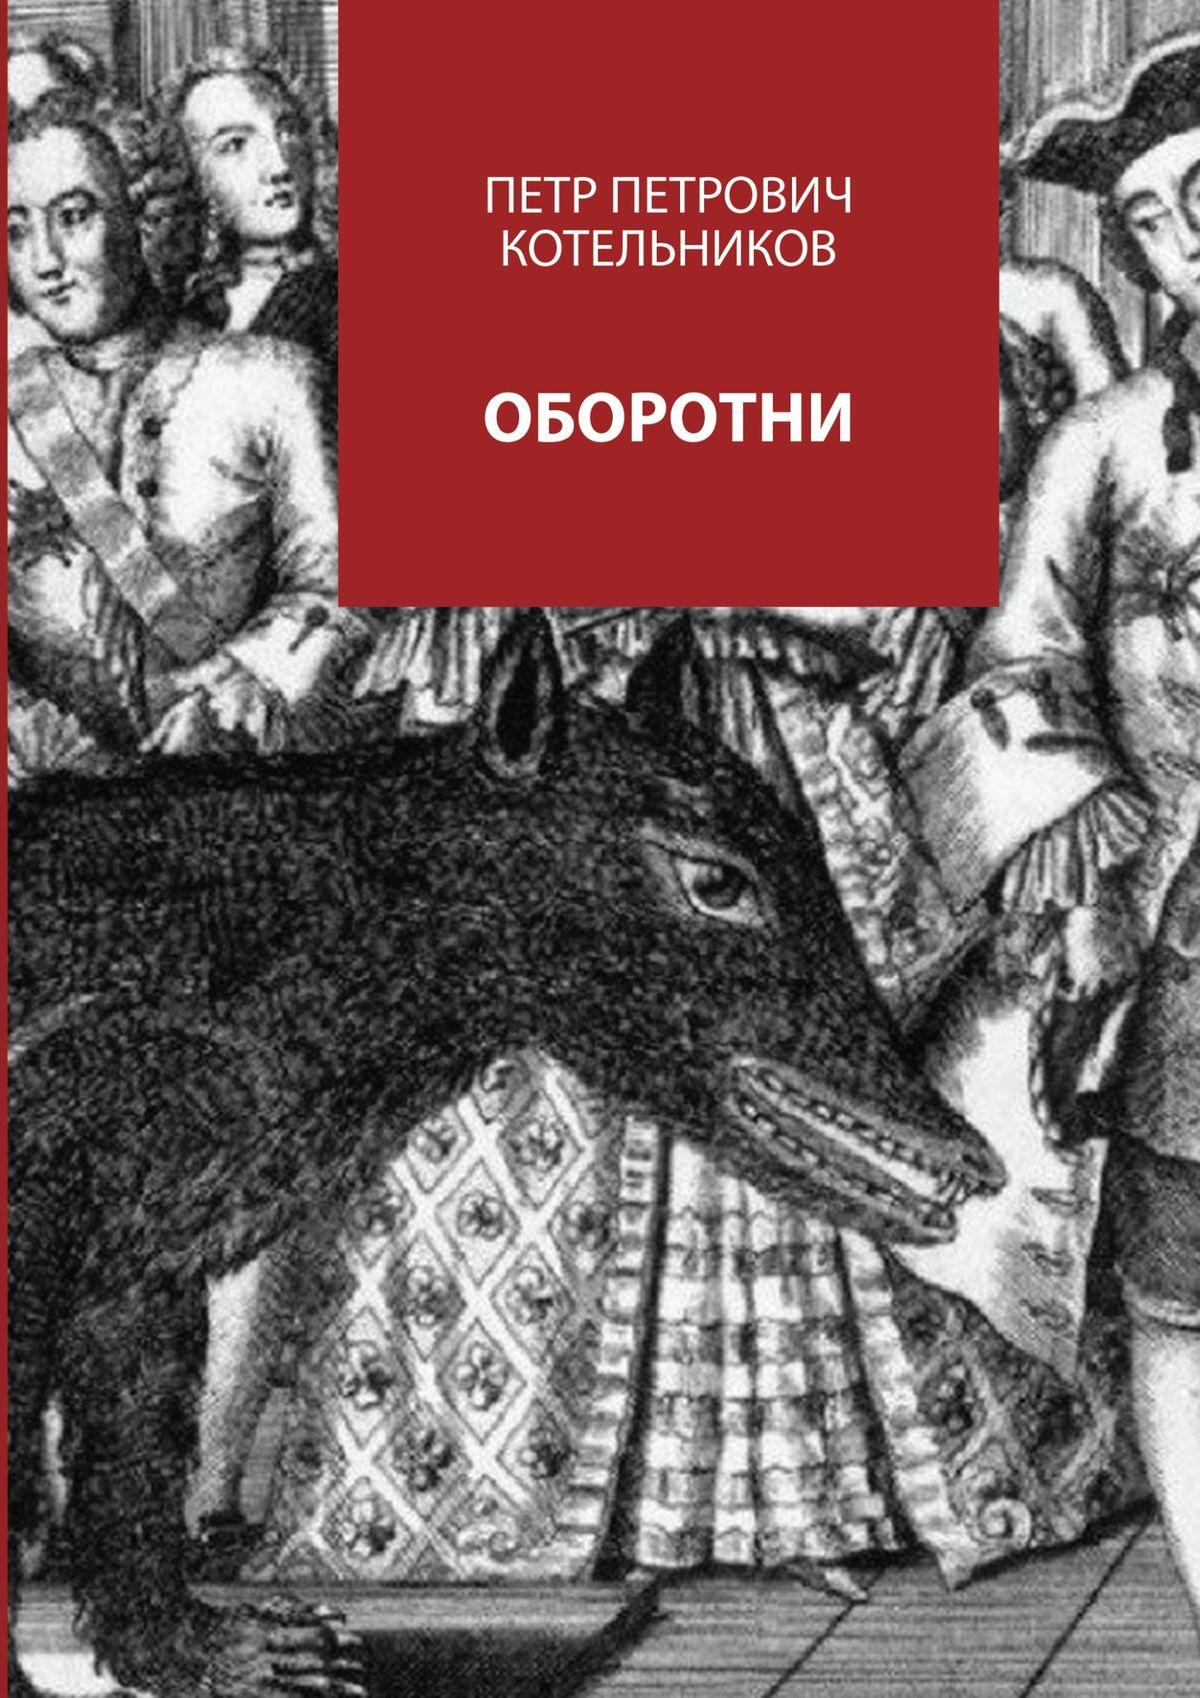 Петр Петрович Котельников Оборотни петр петрович котельников цари и